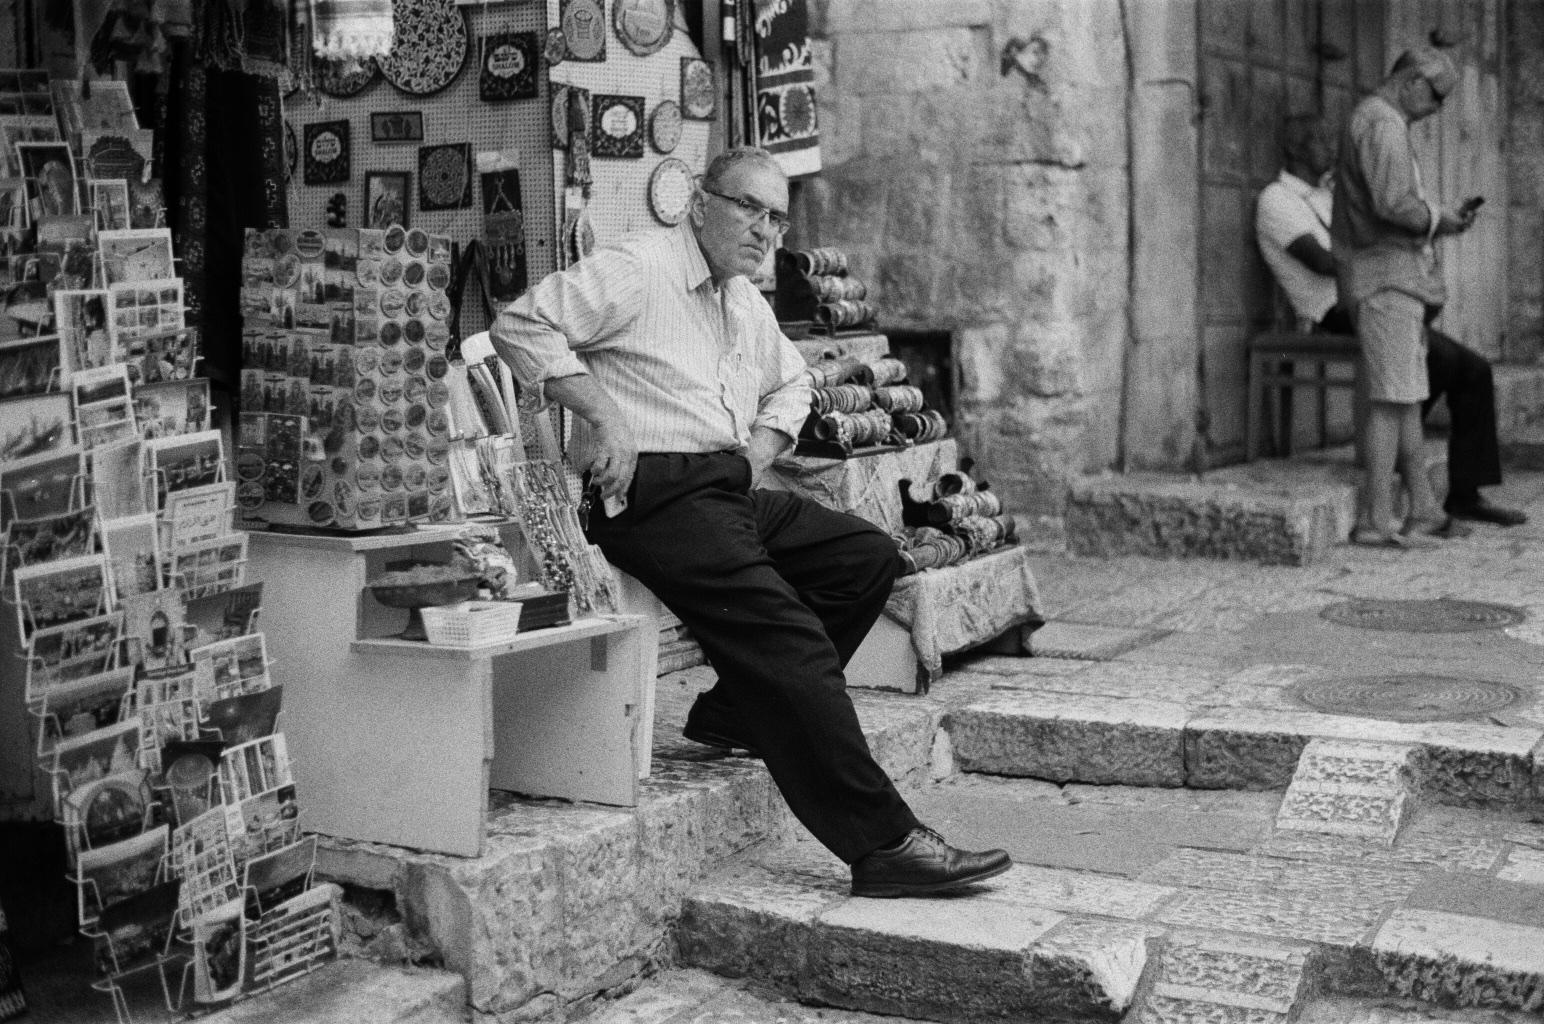 045_JerusalemShop.jpg